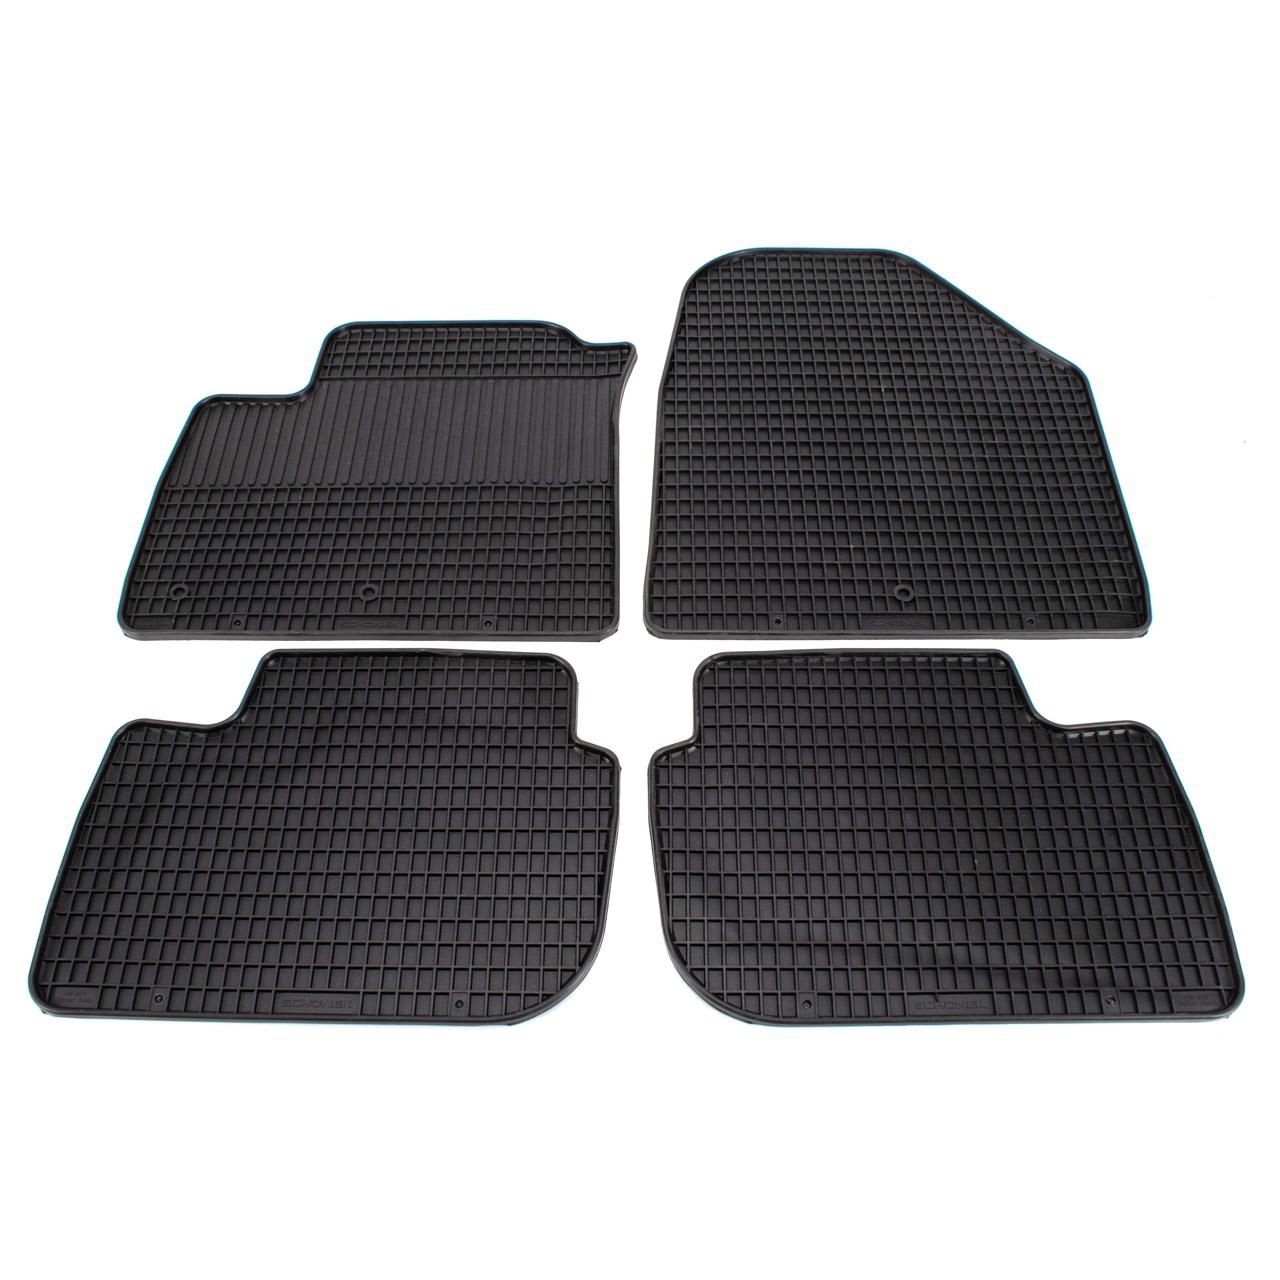 SCHÖNEK Gummimatten Gummifußmatten Fußmatten HYUNDAI Ioniq (AE) Elektro 4-teilig